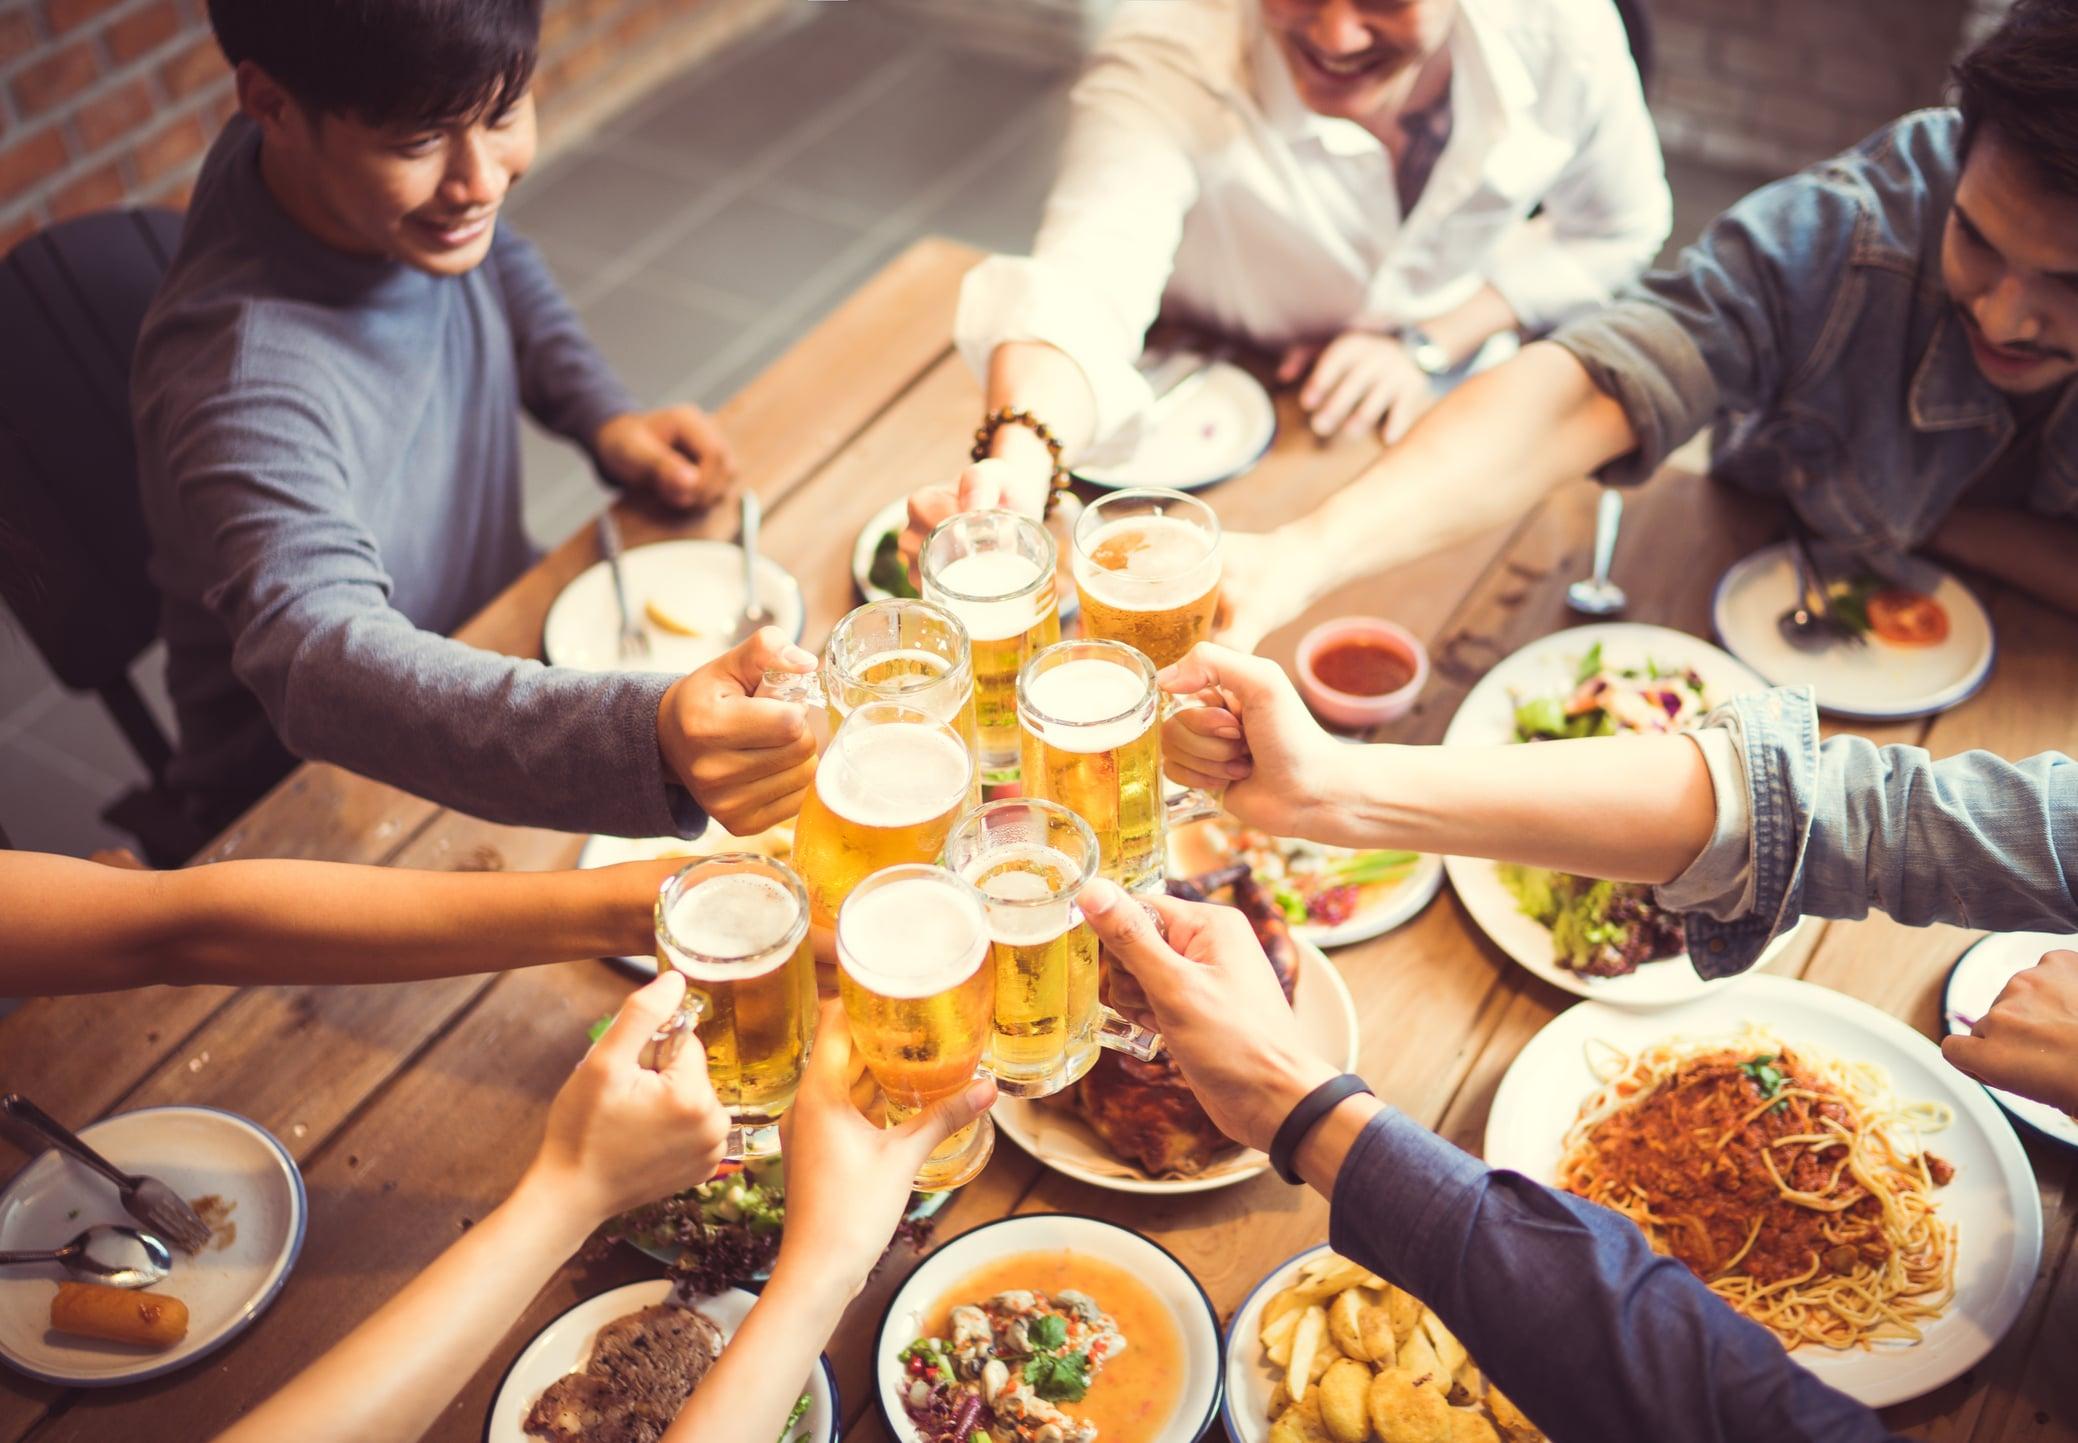 Friends raising a glass over dinner